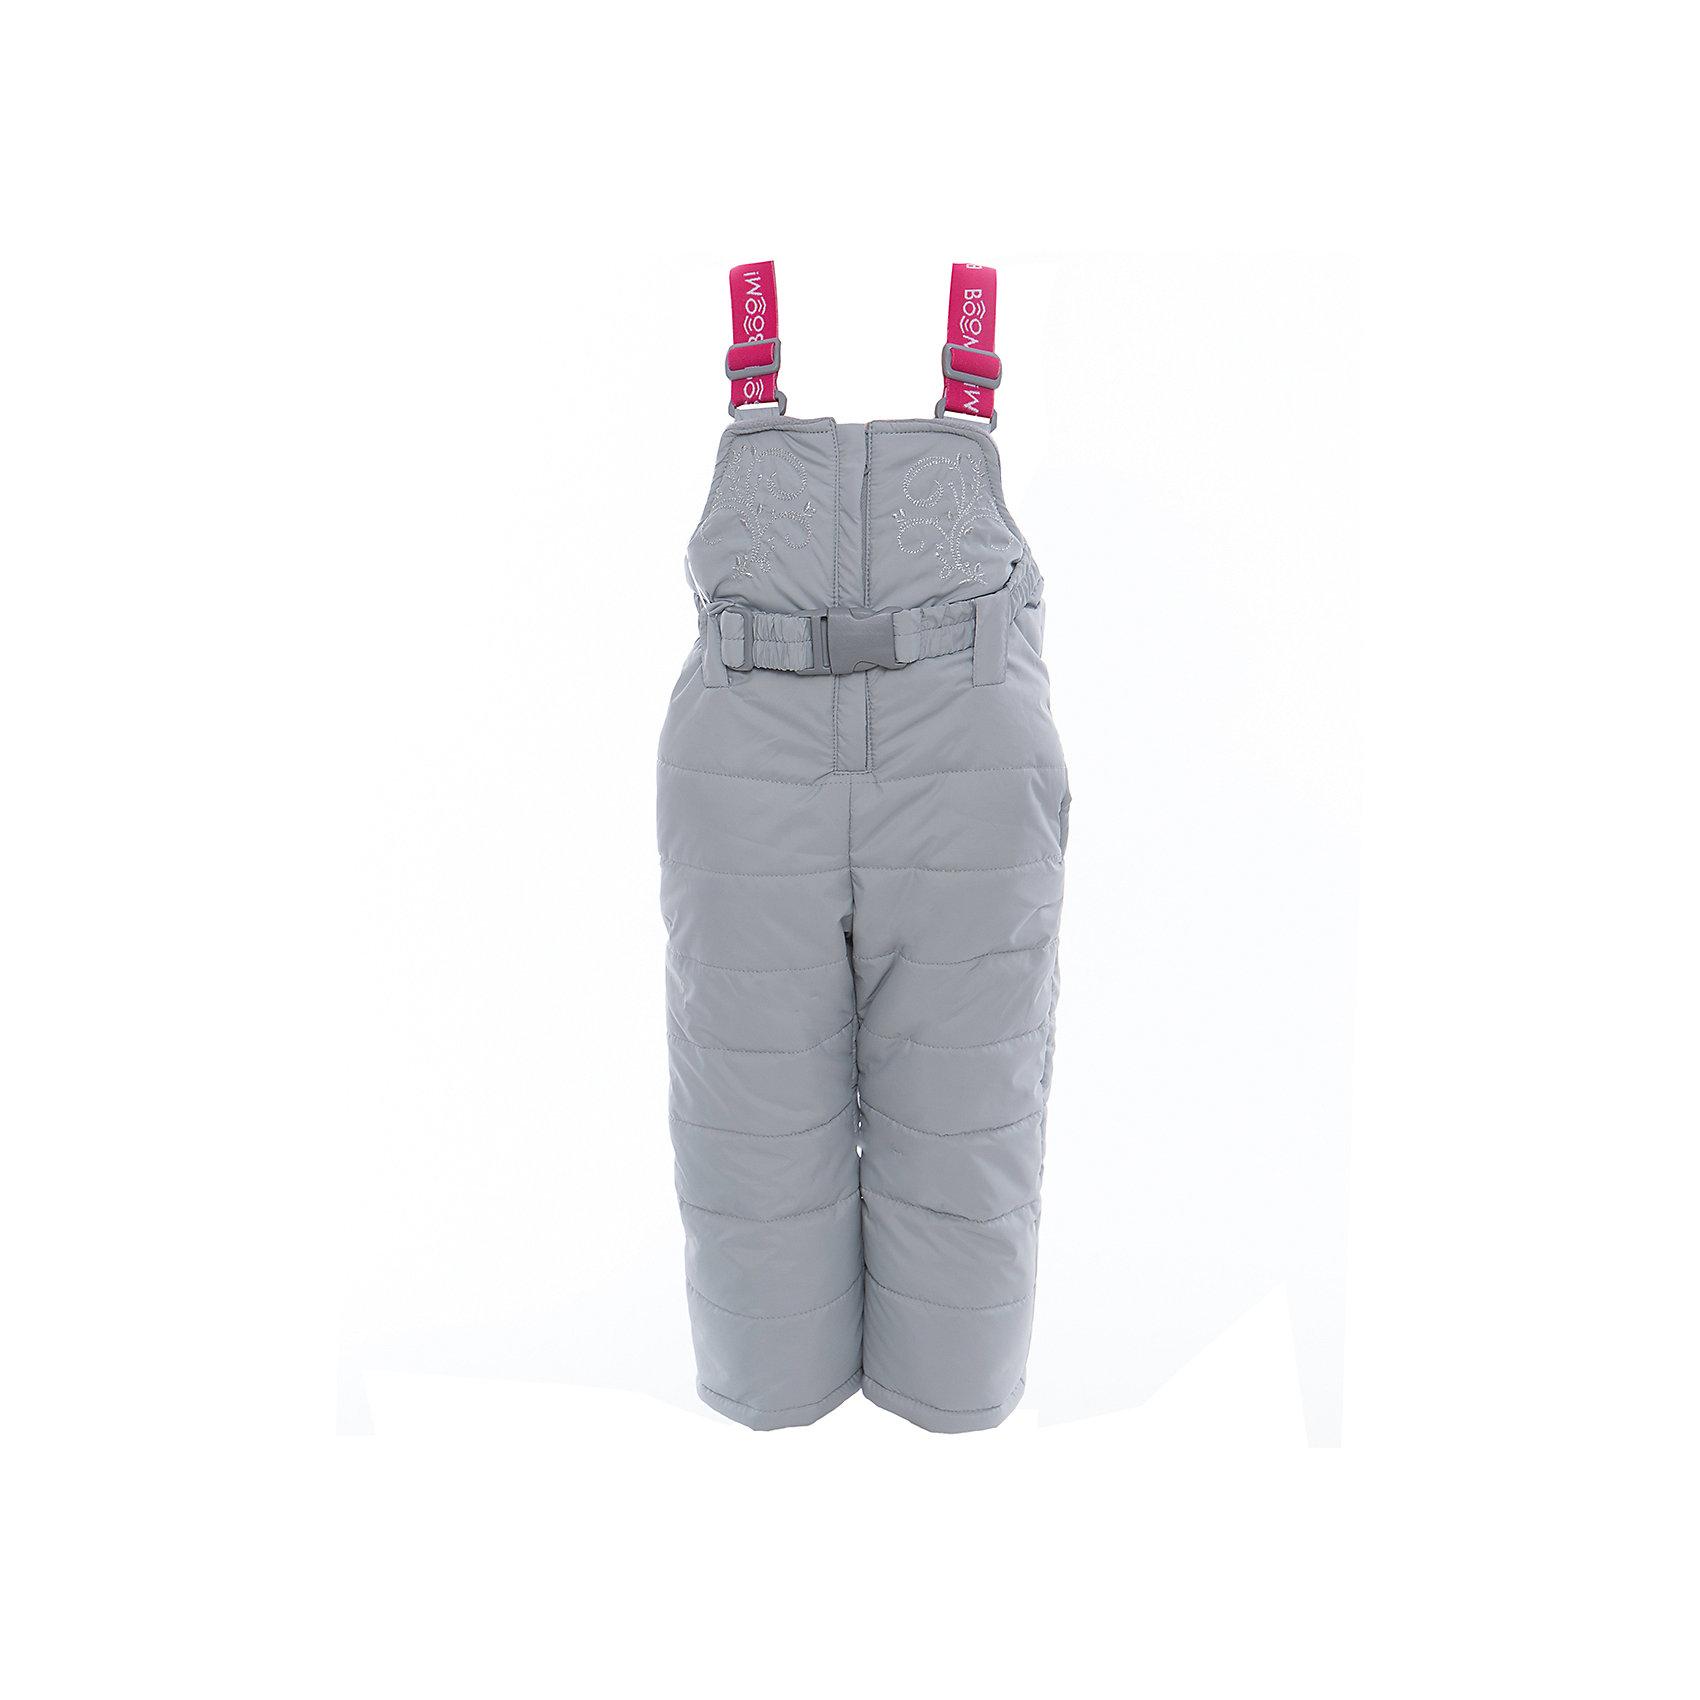 Полукомбинезон для девочки BOOM by OrbyВерхняя одежда<br>Характеристики изделия:<br><br>- материа л верха: 100% полиэстер;;<br>- подкладка: ПЭ, флис;<br>- утеплитель: эко-синтепон 200 г/м2; <br>- фурнитура: металл, пластик;<br>- застежка: молния;<br>- регулируемые лямки;<br>- эластичный пояс;<br>- вышивка;<br>- температурный режим до -30°С<br><br>В холодный сезон девочки хотят одеваться не только тепло, но и модно. Этот стильный и теплый полукомбинезон позволит ребенку наслаждаться зимним отдыхом, не боясь замерзнуть, и выглядеть при этом очень симпатично.<br>Изделие плотно сидит благодаря продуманному крою и надежным застежкам. Оно смотрится очень эффектно благодаря красивой вышивке. Полукомбинезон дополнен карманами и эластичным поясом.<br><br>Полукомбинезон для девочки от бренда BOOM by Orby можно купить в нашем магазине.<br><br>Ширина мм: 215<br>Глубина мм: 88<br>Высота мм: 191<br>Вес г: 336<br>Цвет: серый<br>Возраст от месяцев: 12<br>Возраст до месяцев: 15<br>Пол: Женский<br>Возраст: Детский<br>Размер: 80,128,110,134,122,98,92,104,116,86<br>SKU: 4982636